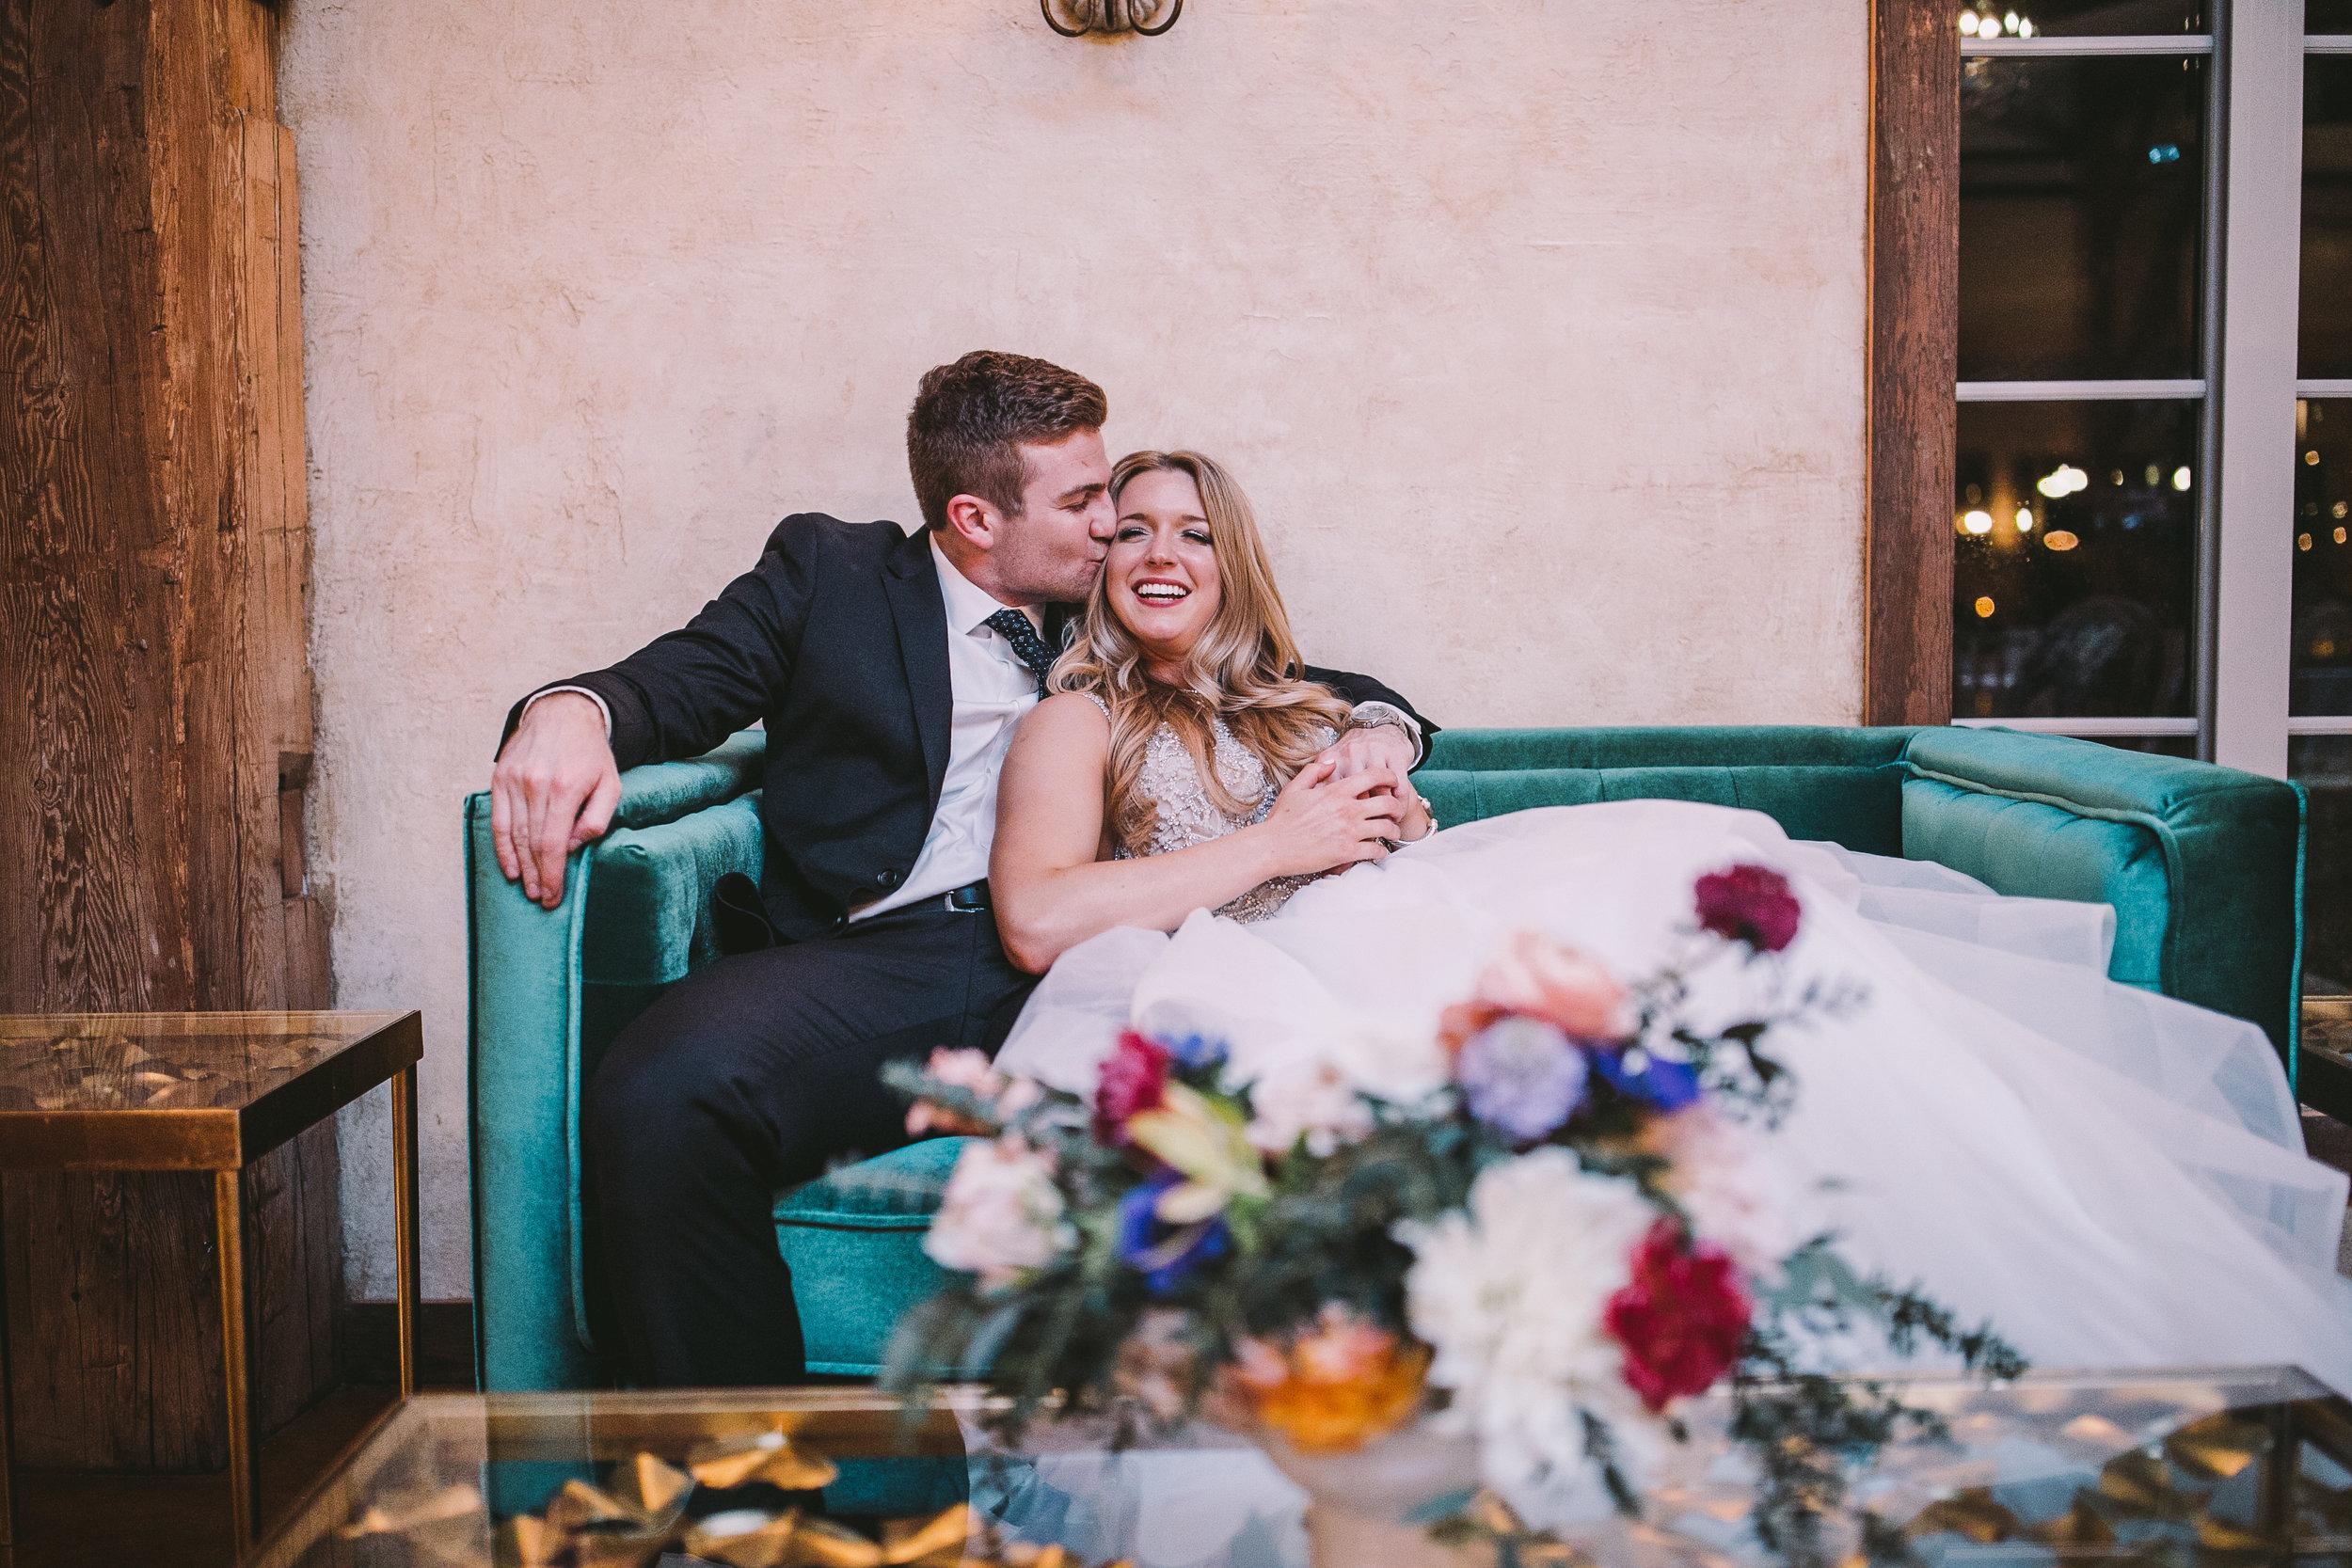 bohemian-mississippi-vintage-settee-luxury-wedding